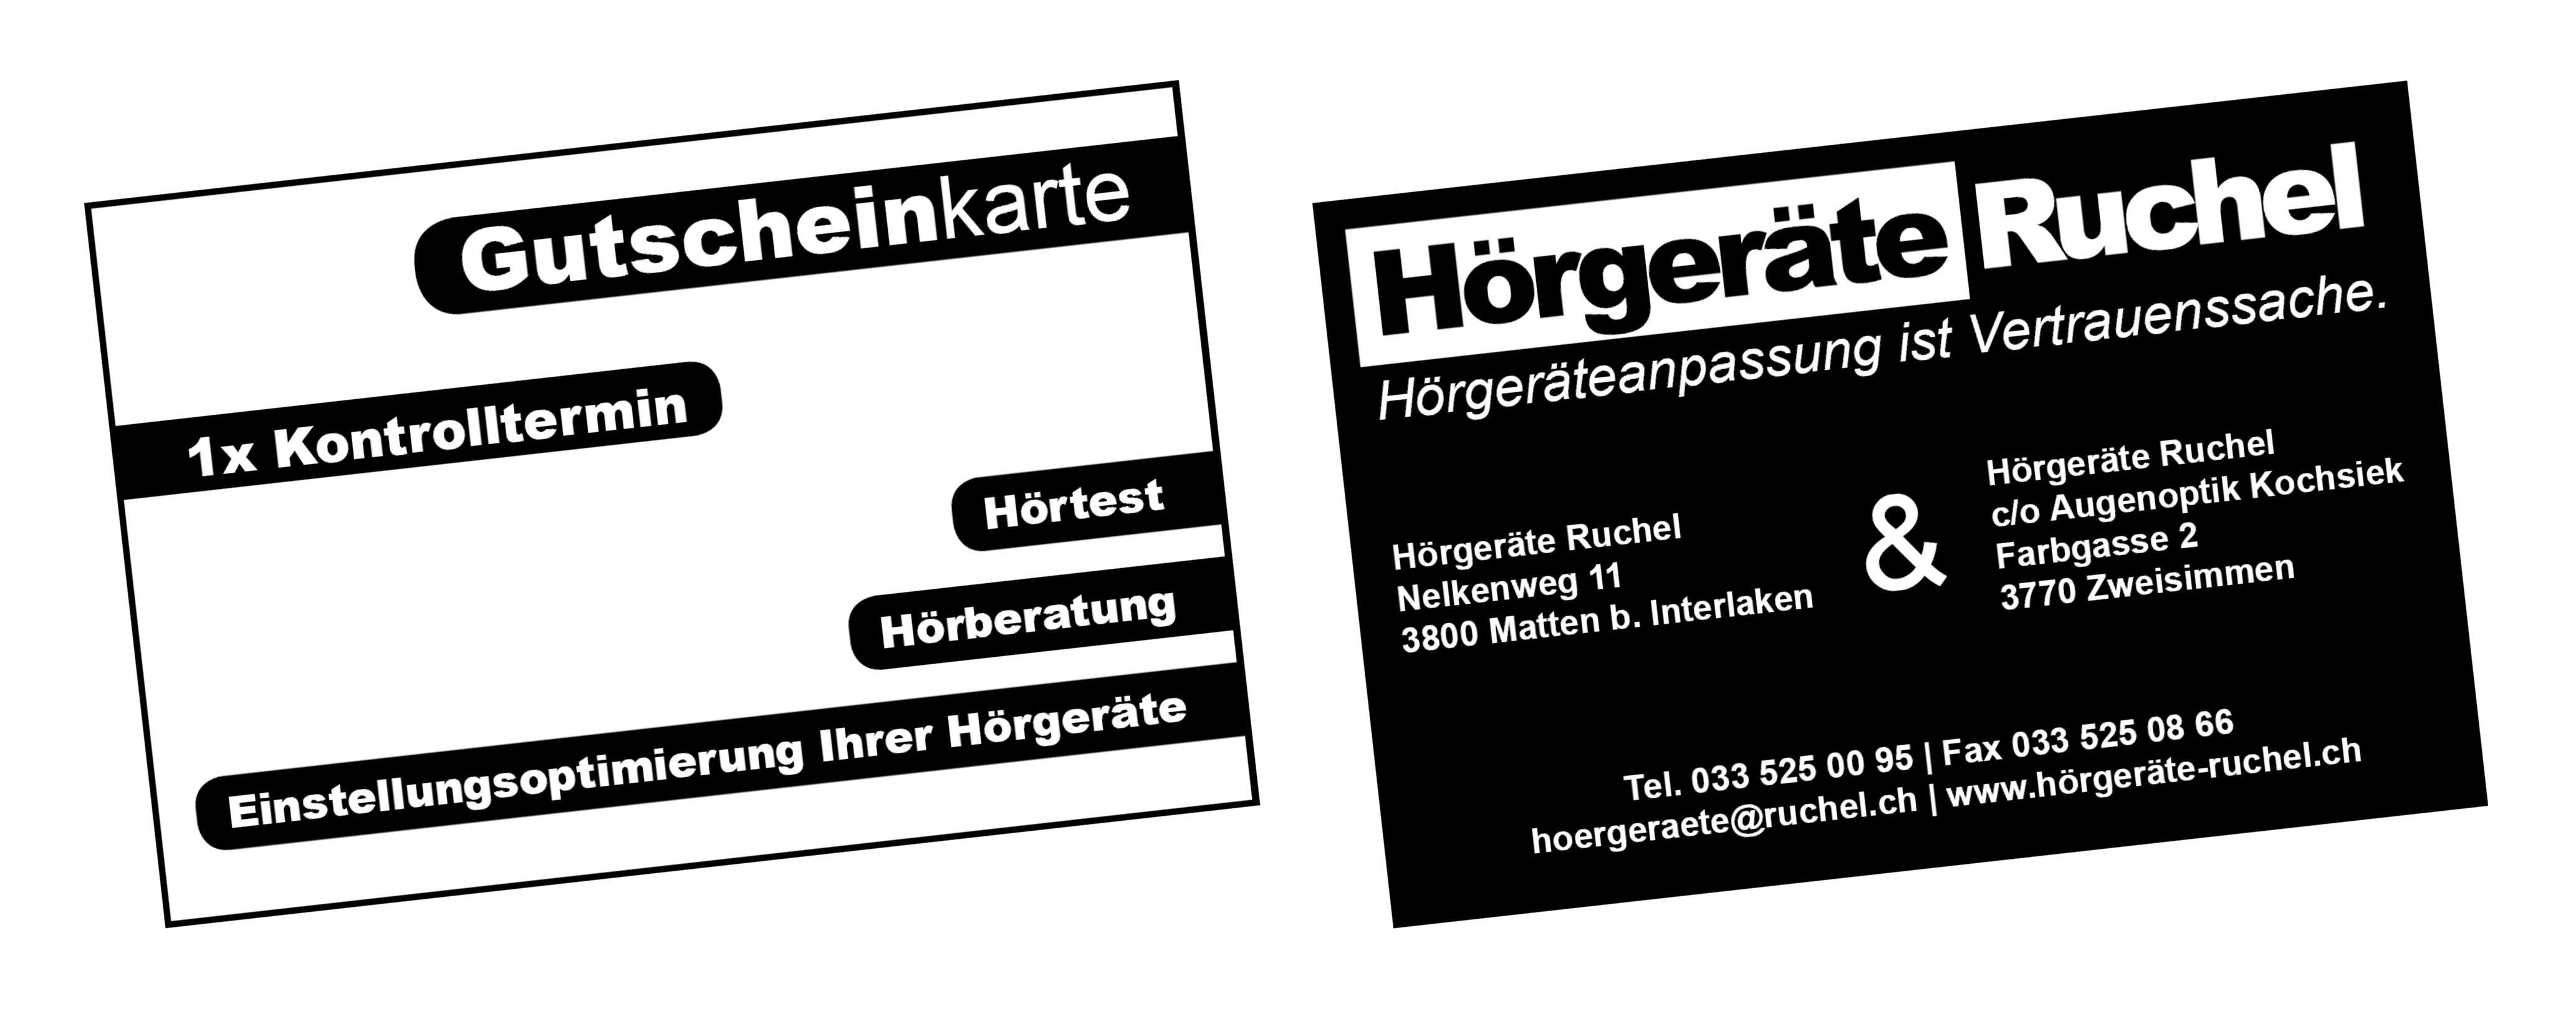 Referenz_Geschenkkarte_Ruchel_Designs